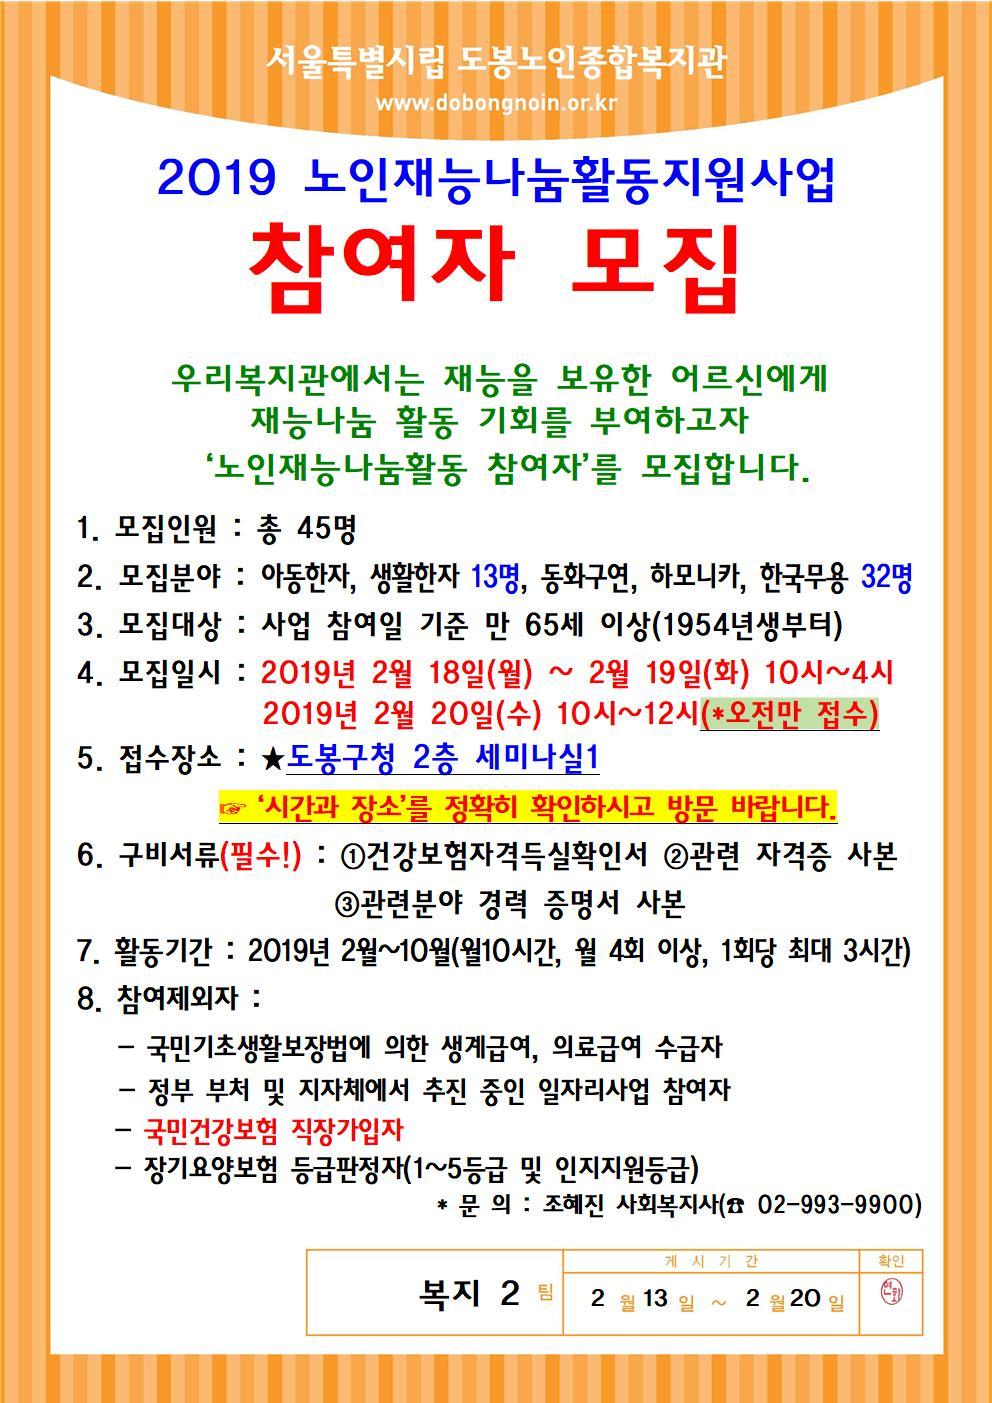 참여자 모집 안내문001.jpg